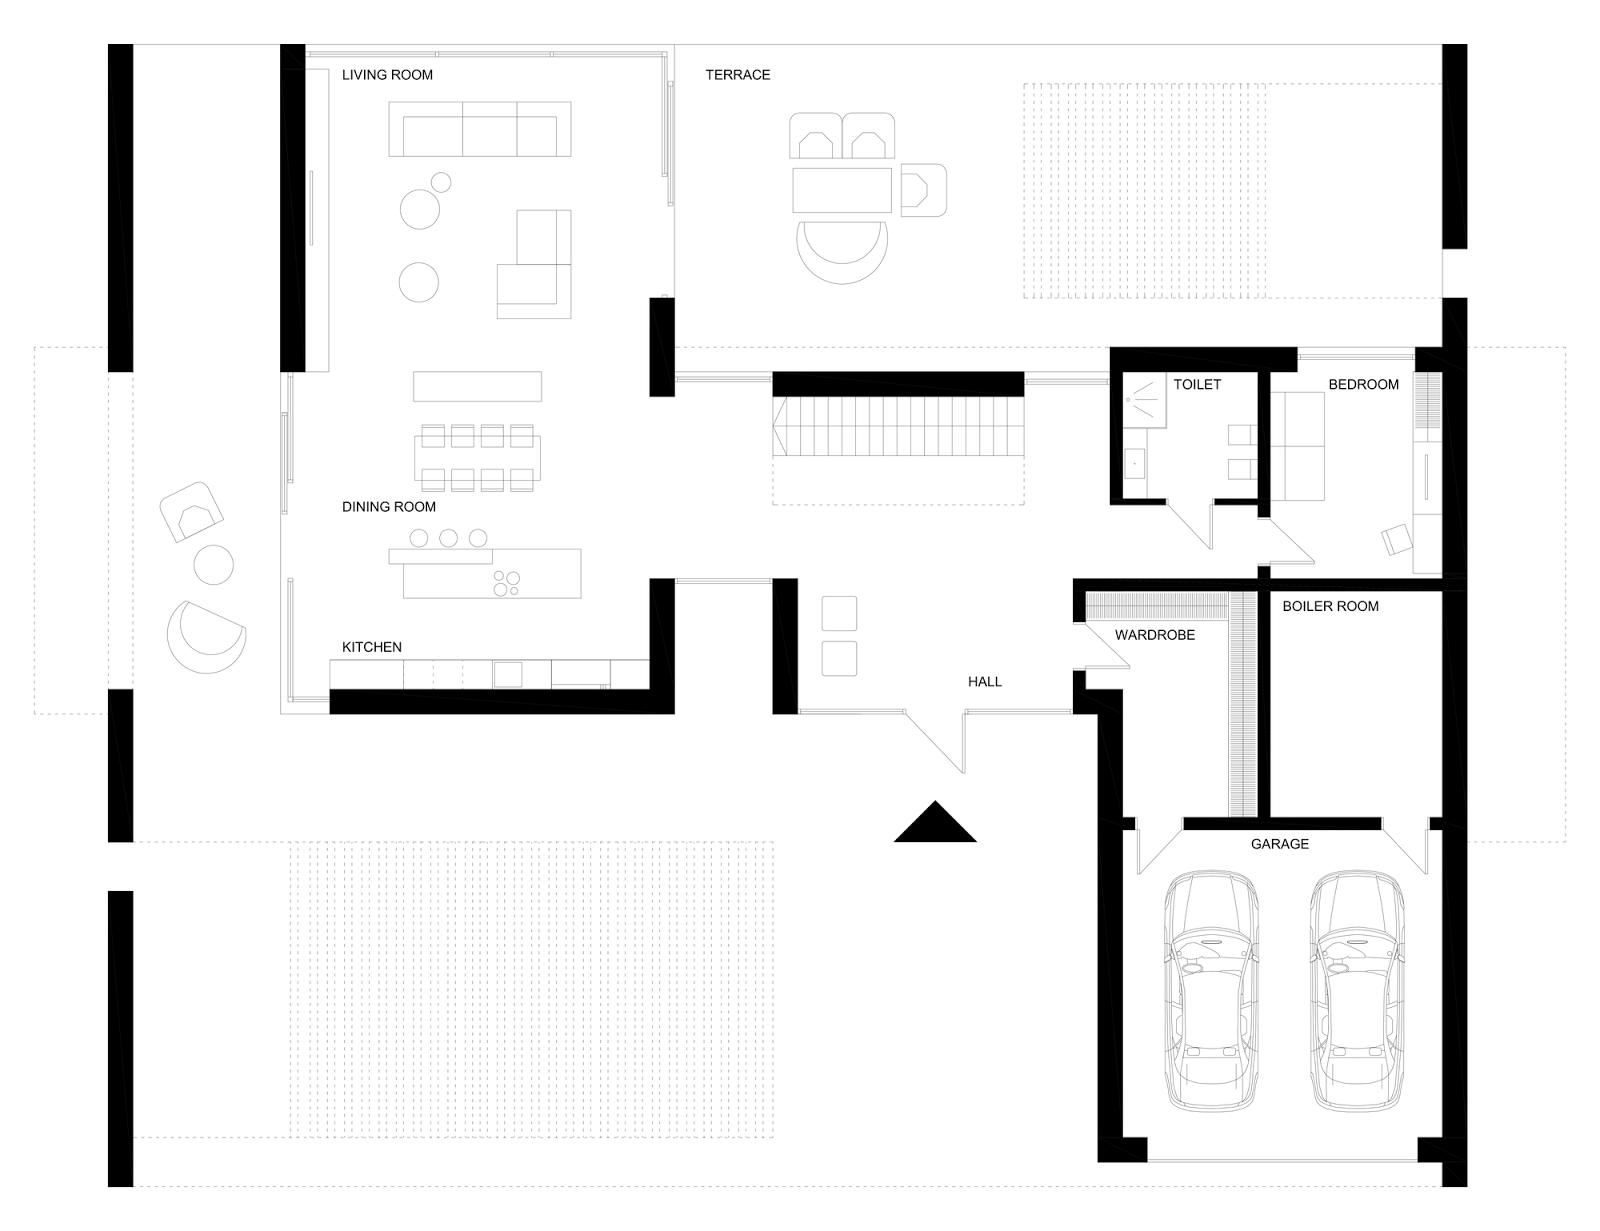 konsep-desain-modern-rumah-cermin-izabelin-house-melayang-di-tengah-hutan-007